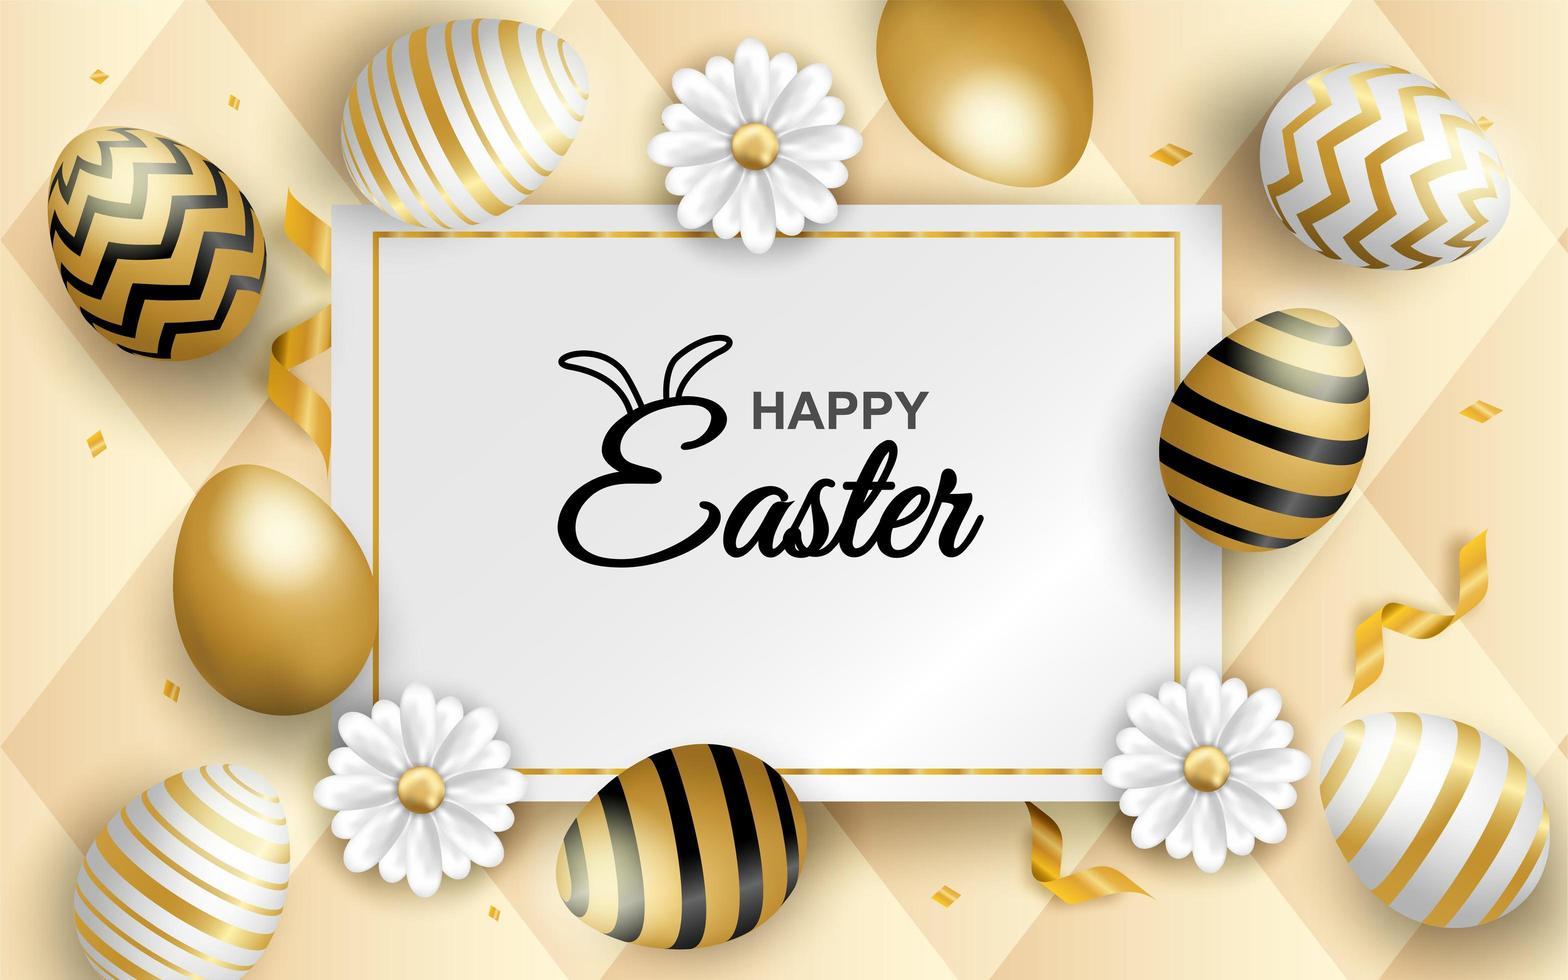 uovo di Pasqua dorato e bianco su sfondo in rilievo morbido vettore